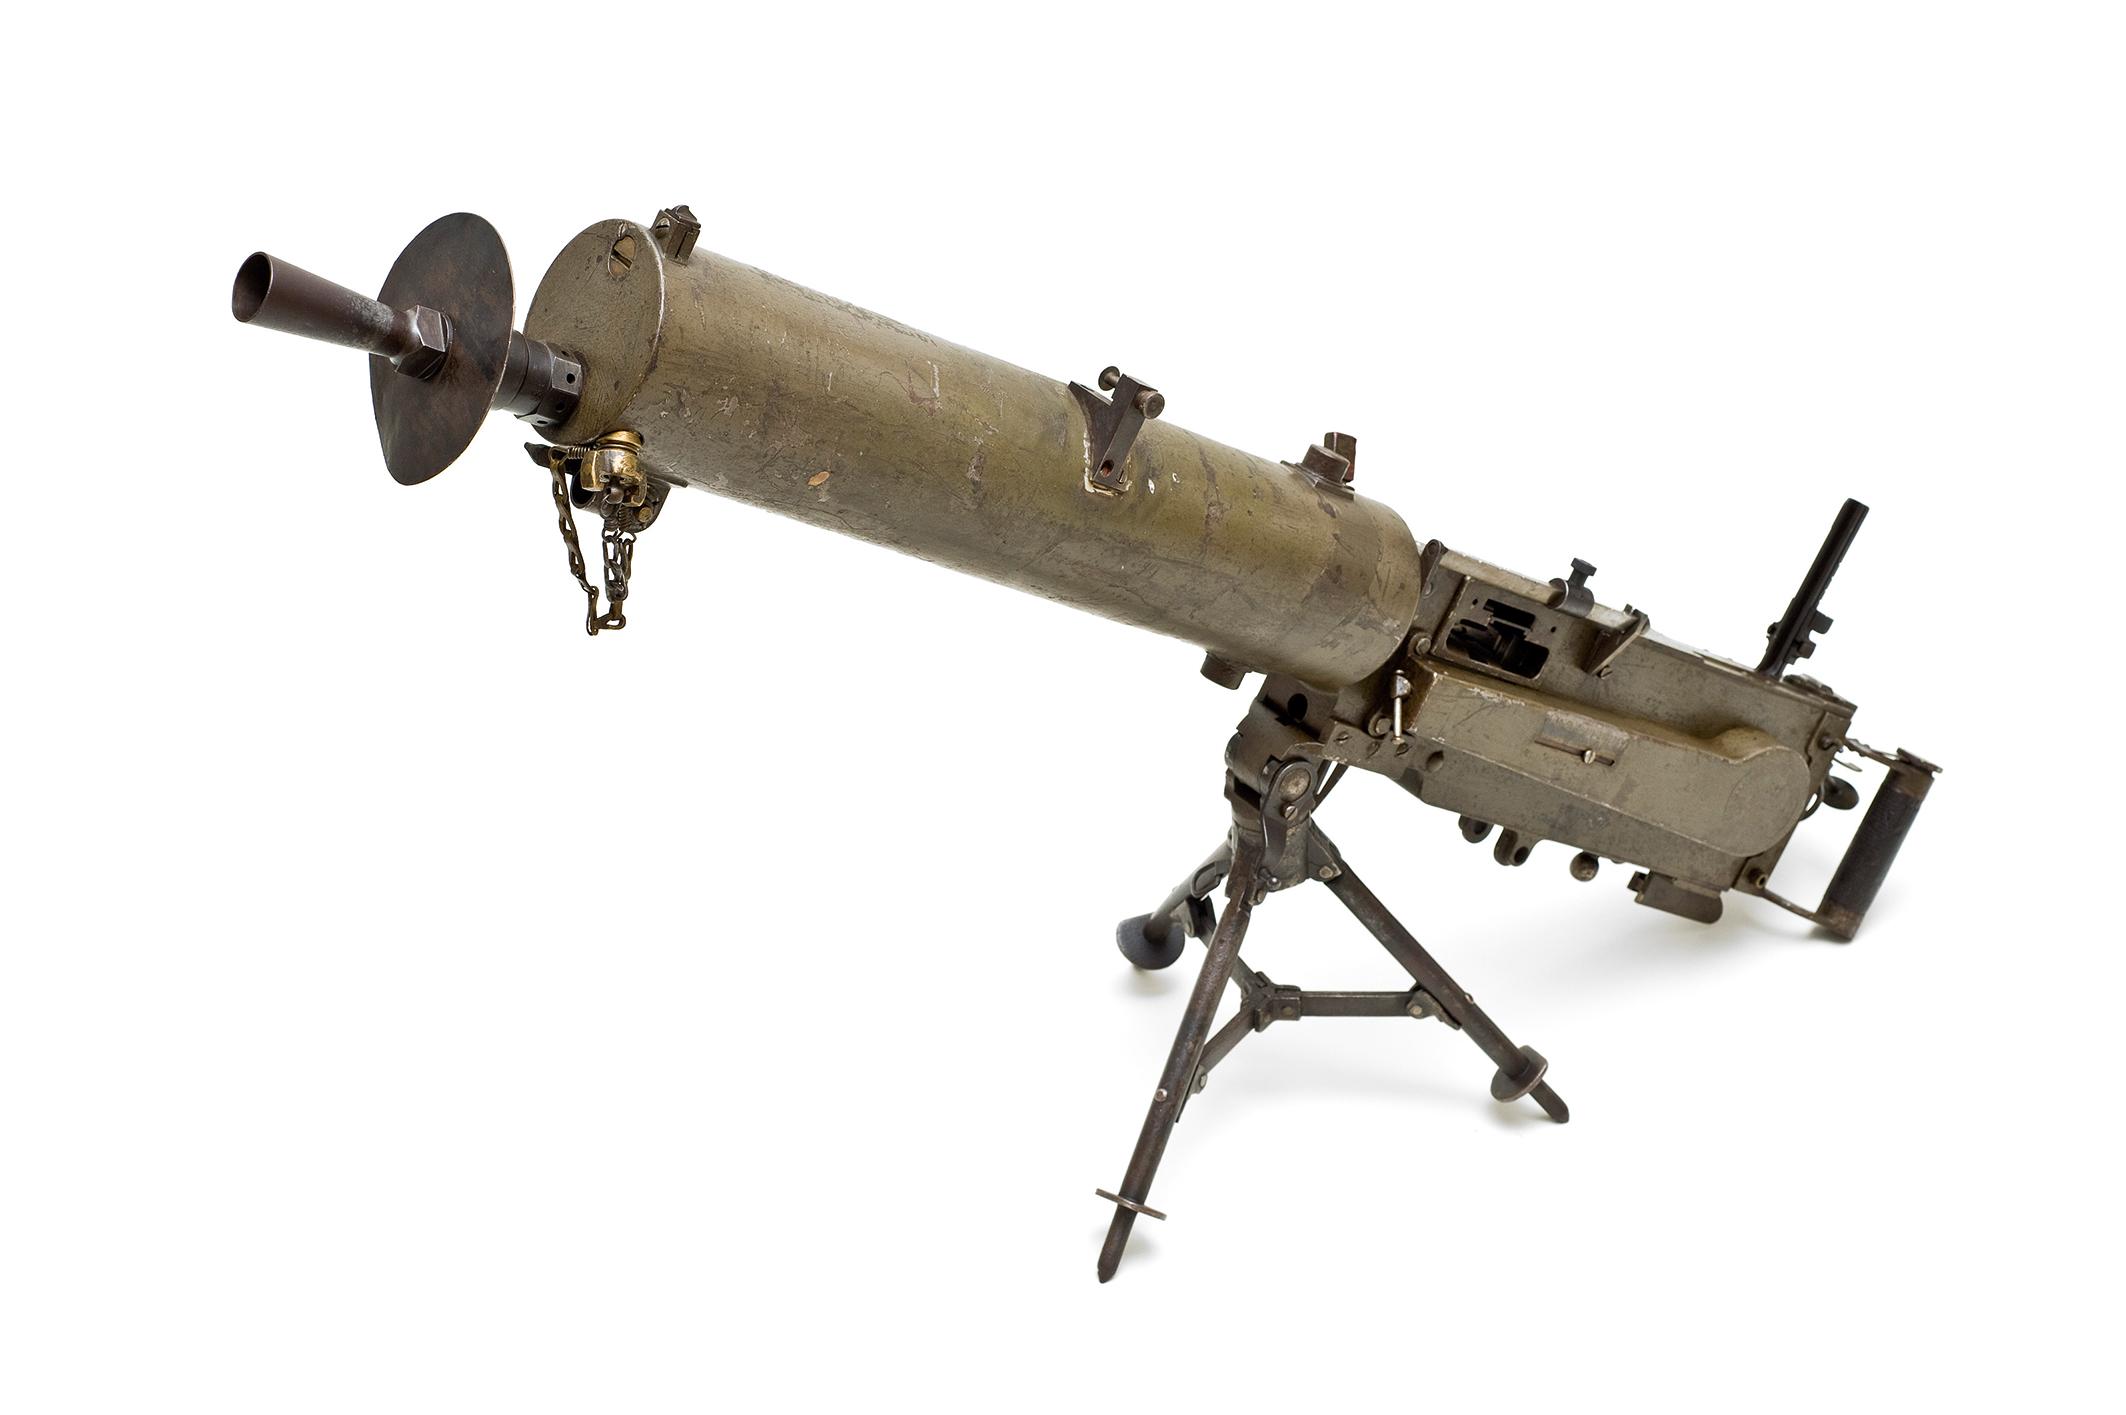 Deutsches Maschinengewehr, Muster 1908 mit Gurttrommelansatz mit österreichischem Dreibein, Berlin, 1915, GrazMuseum